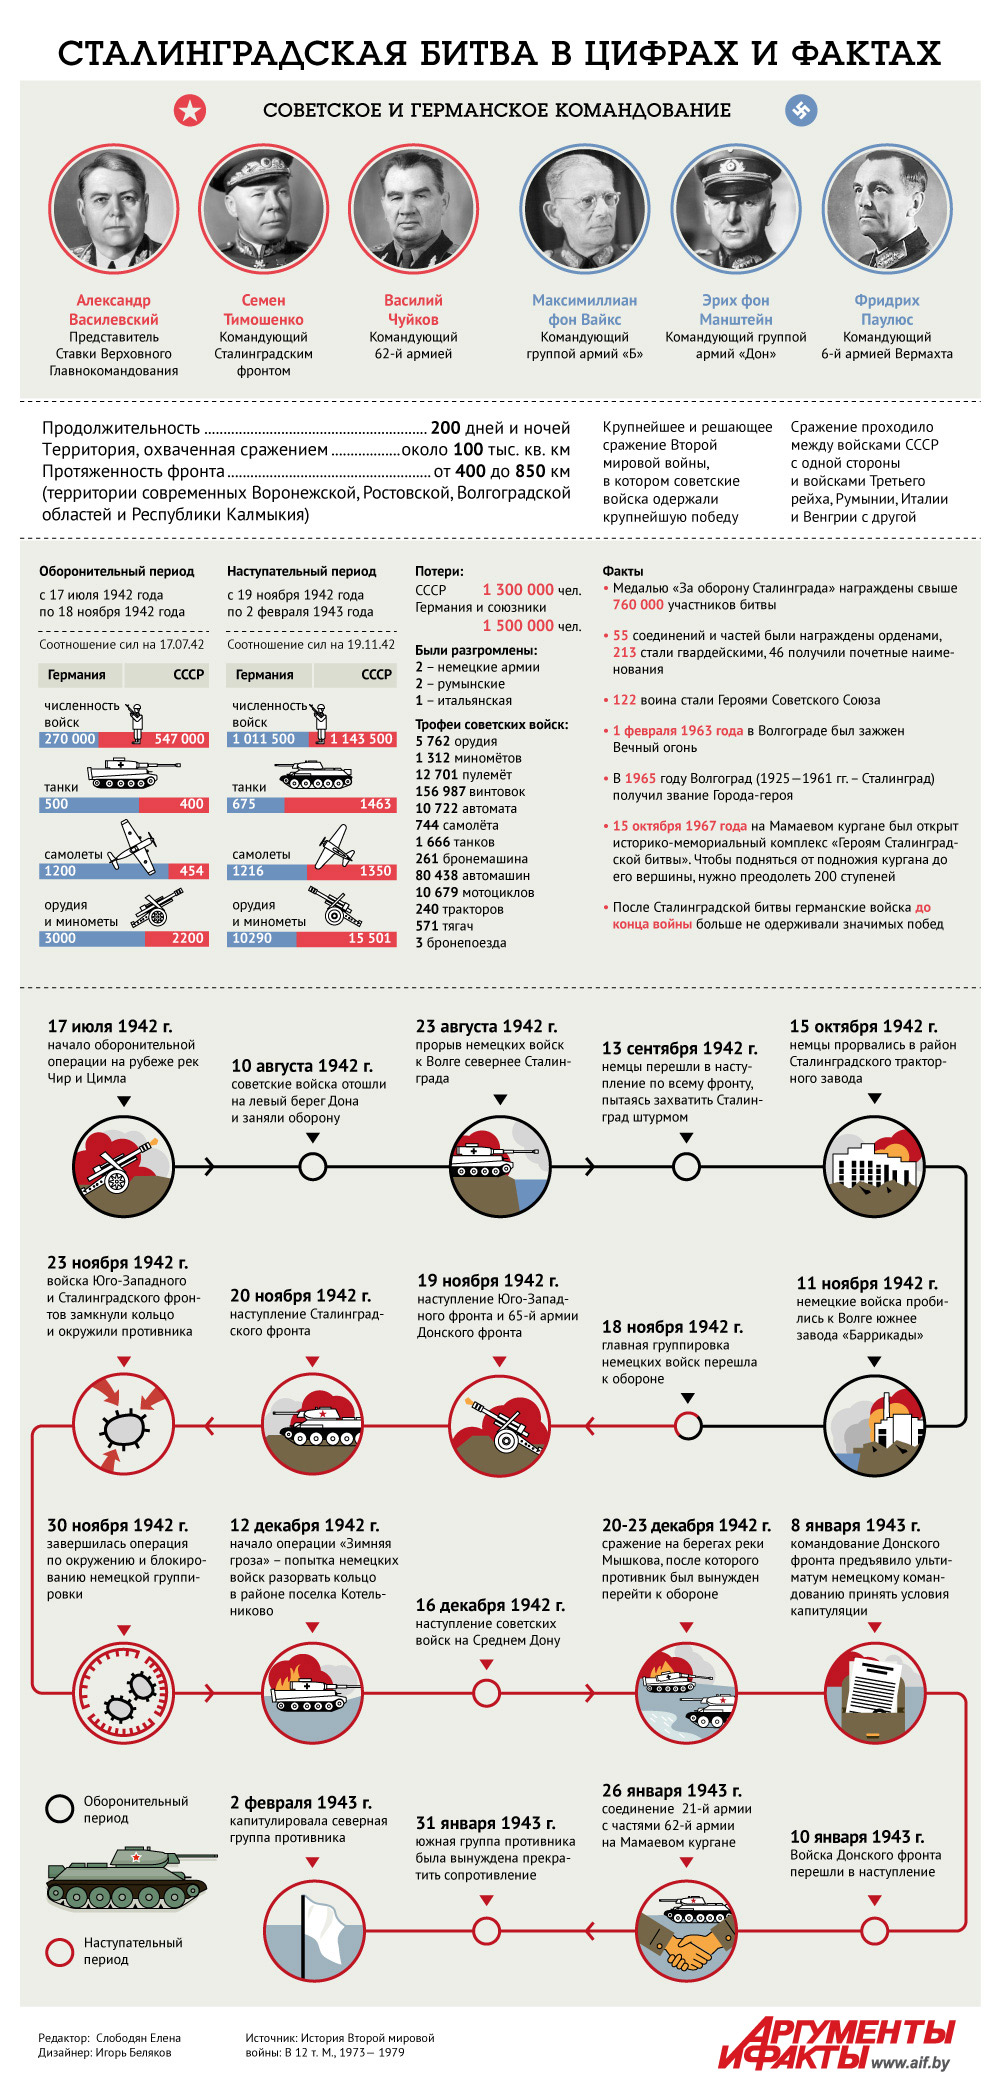 Сталинградская битва в цифрах и фактах. Инфографика